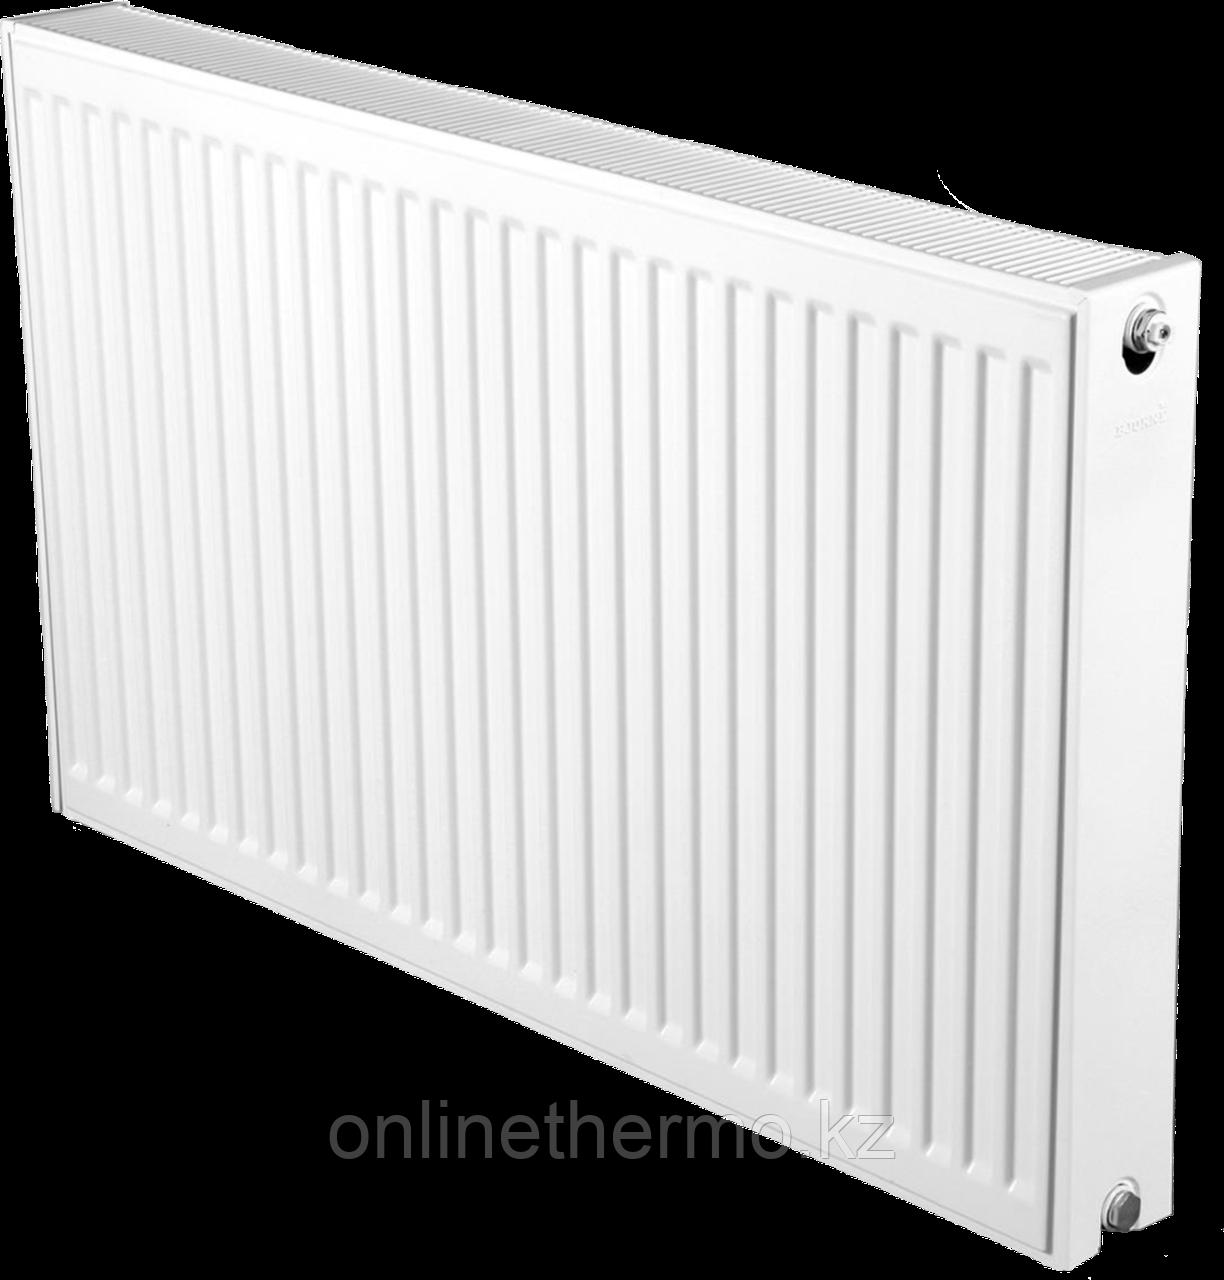 Радиатор стальной тип 22K H300мм*L1400мм панельный Bjorne боковое подключение - фото 1